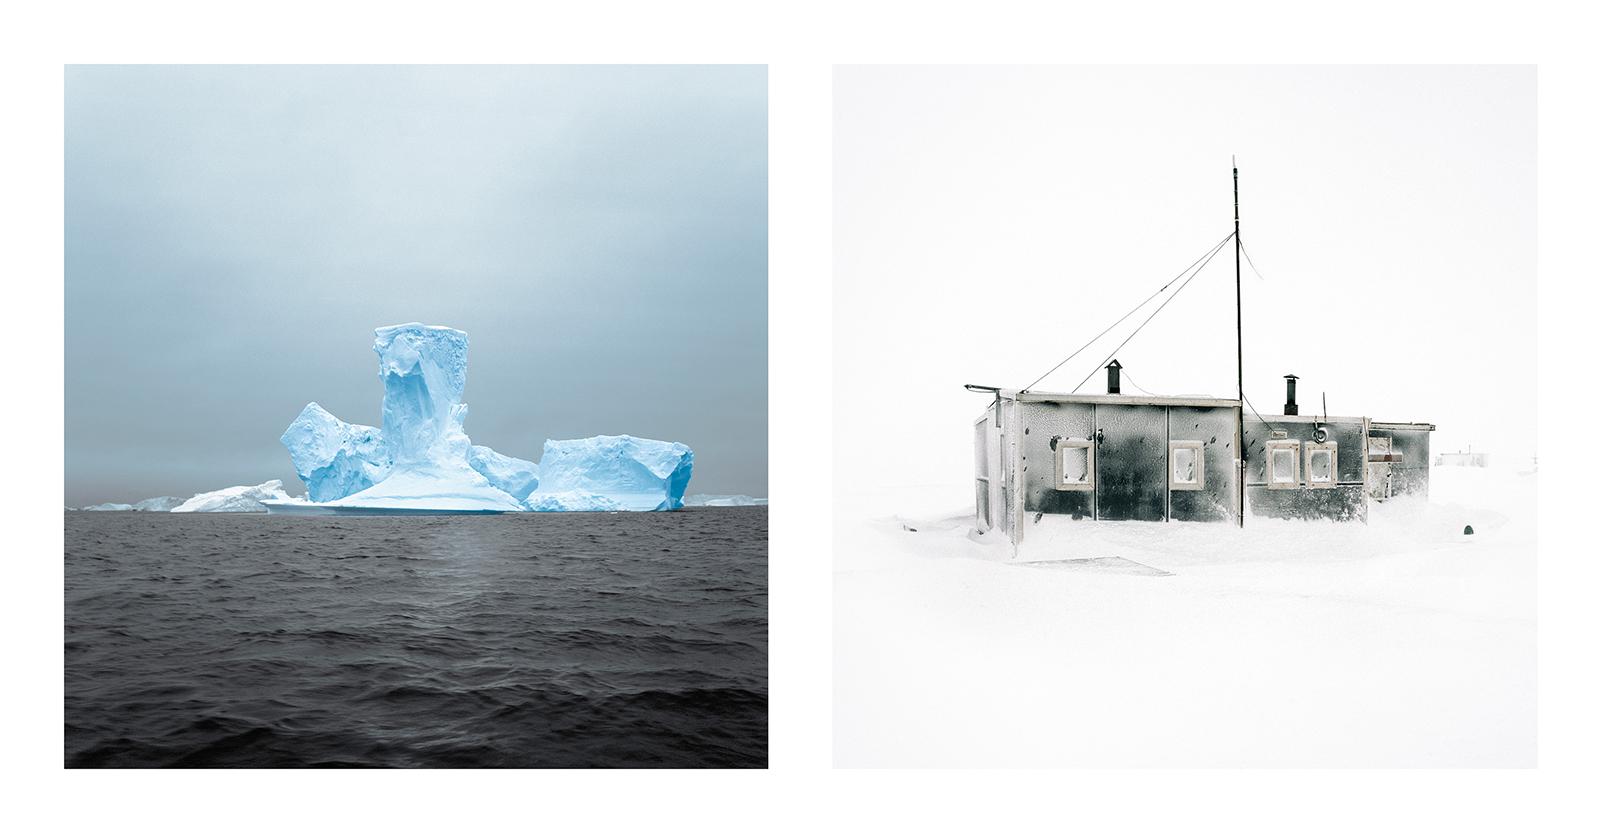 Adrift_15&16.jpg